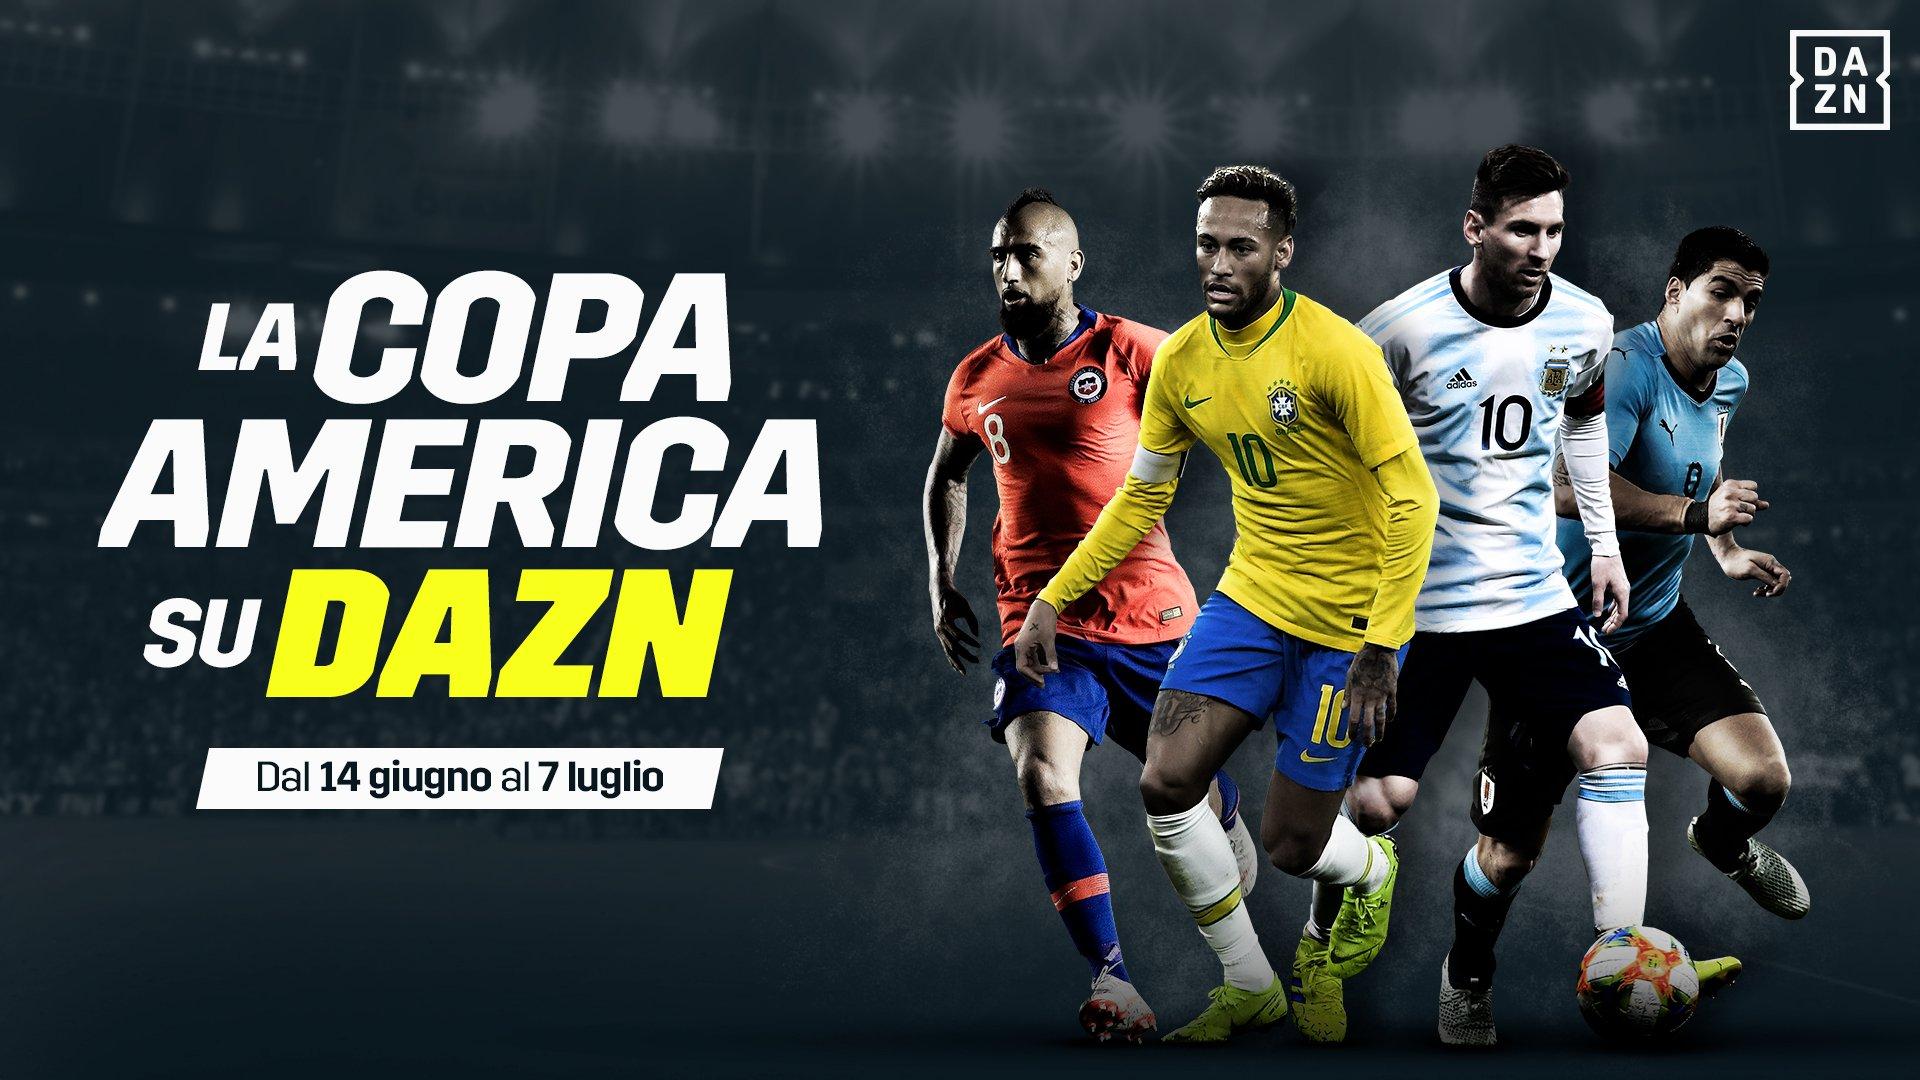 DAZN, Copa America 1a Giornata, Diretta Esclusiva, Palinsesto e Telecronisti